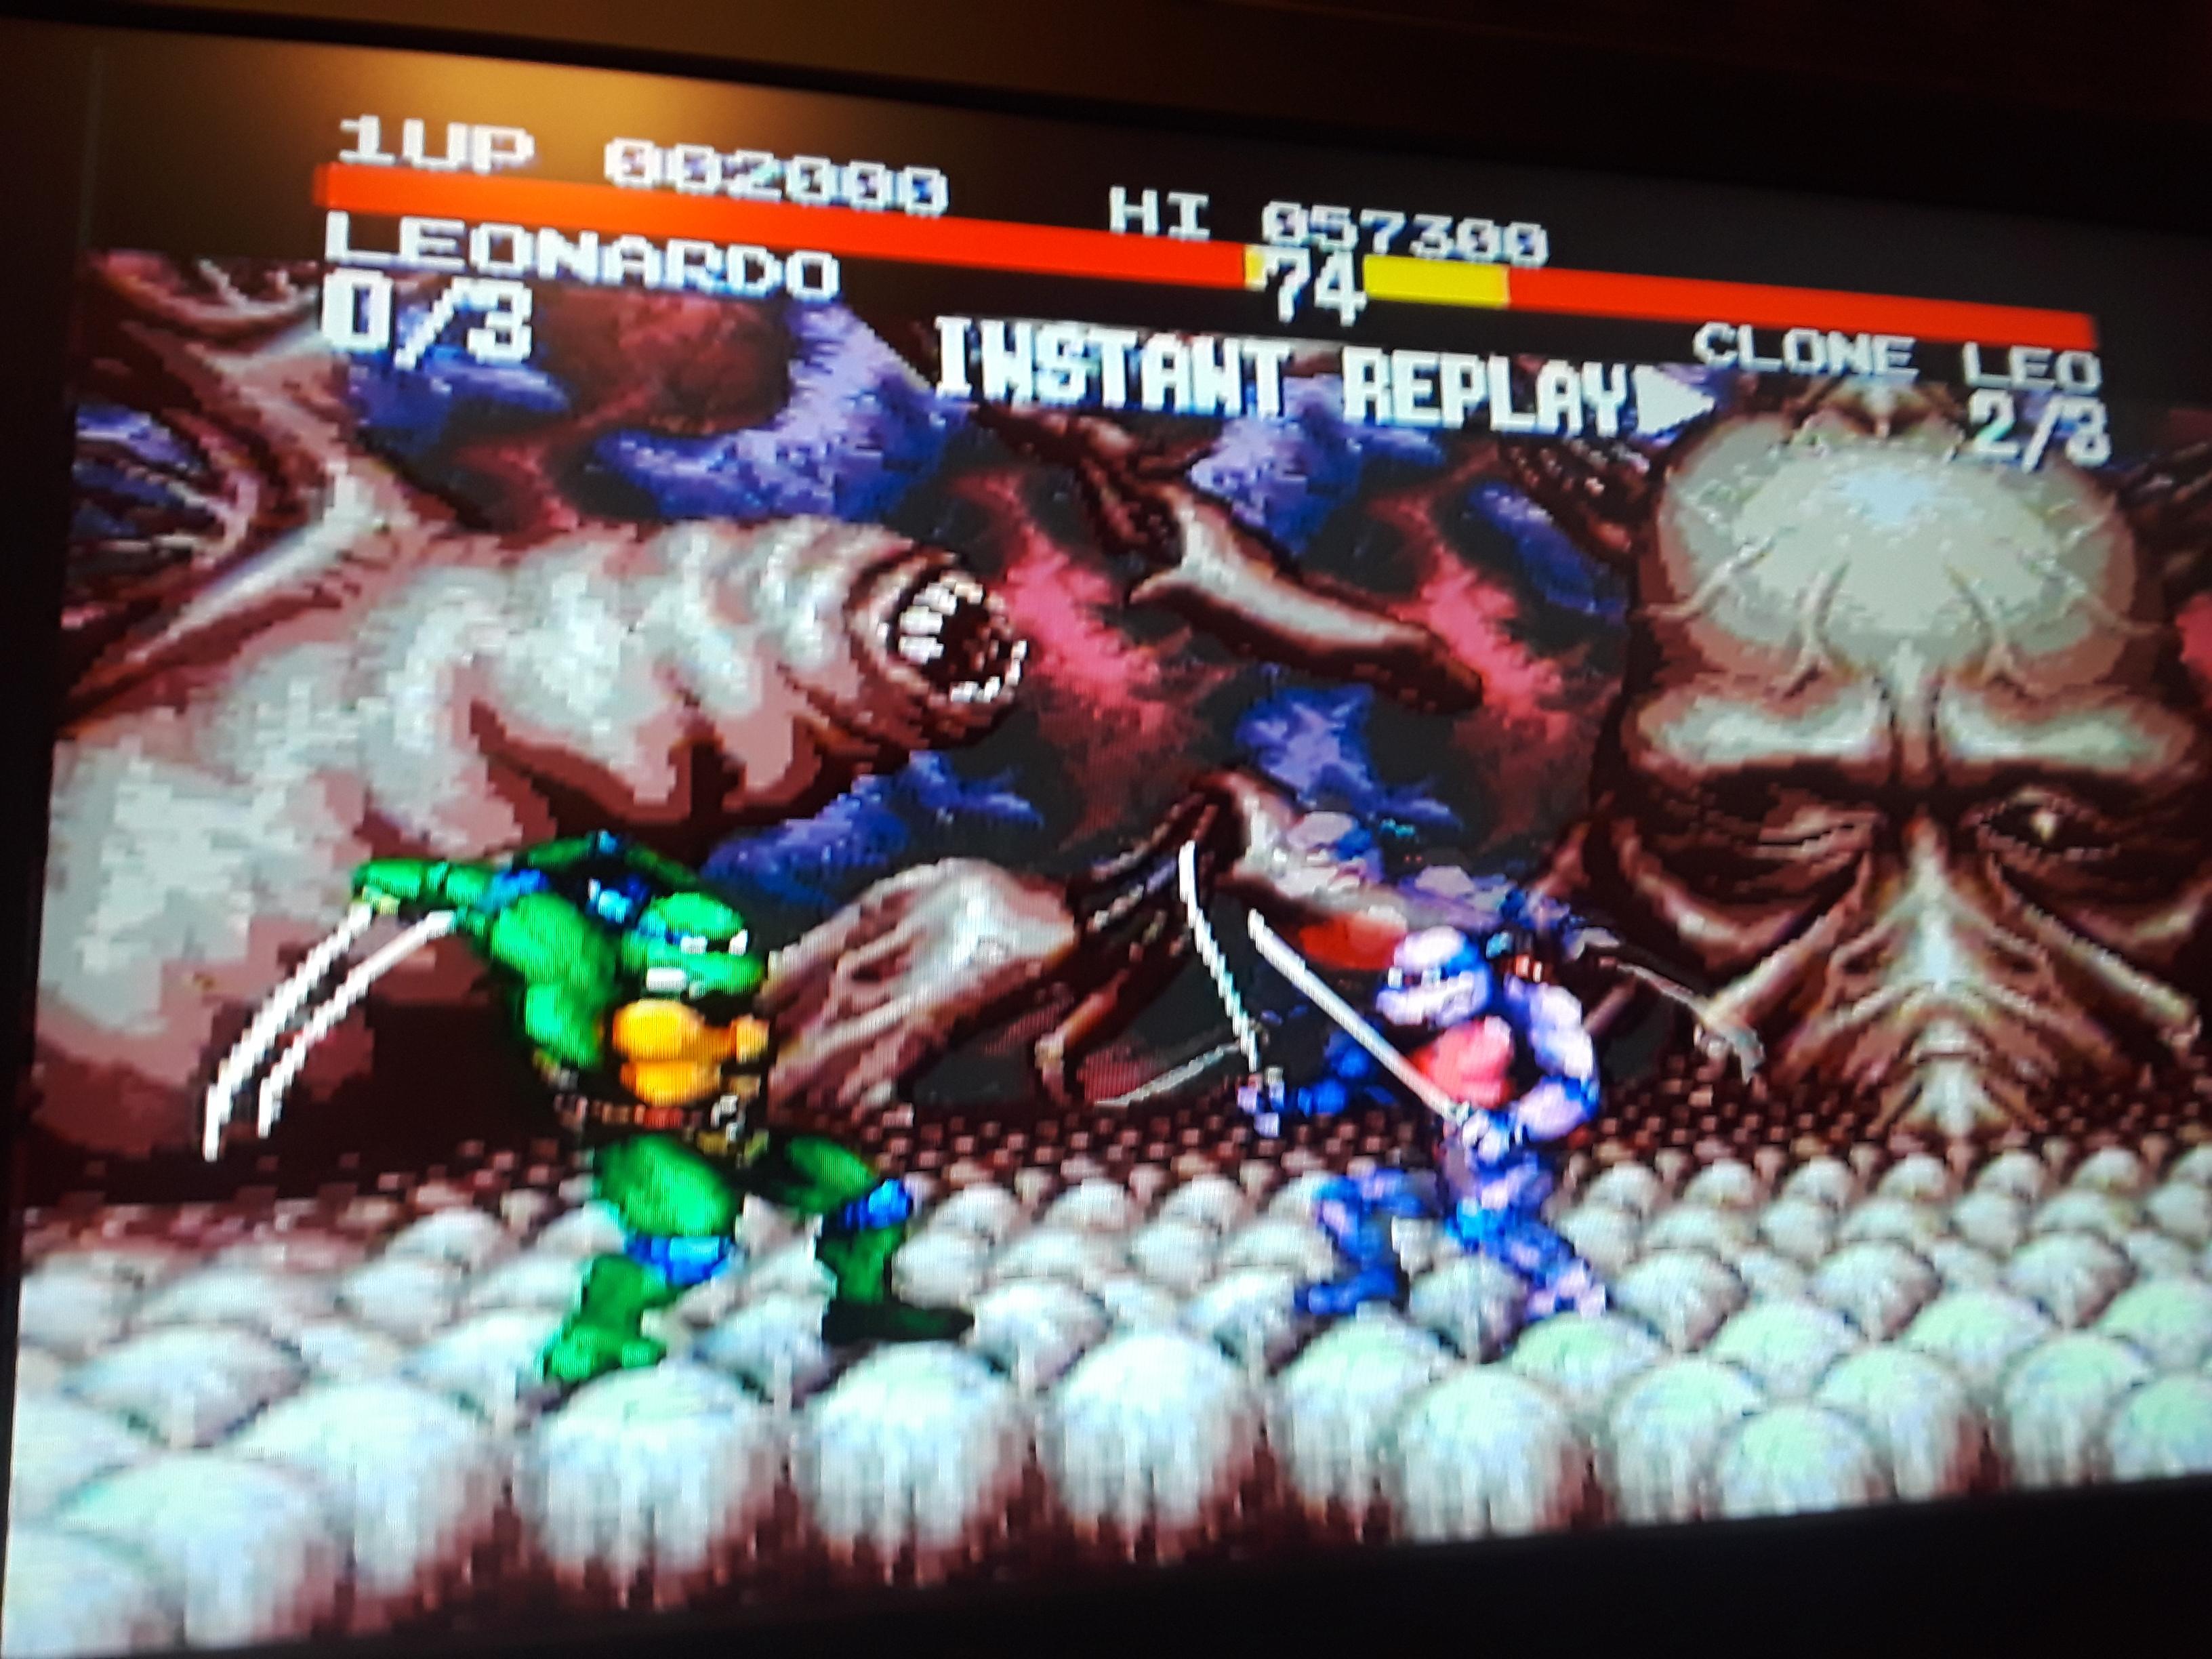 Teenage Mutant Ninja Turtles: Tournament Fighters 2,000 points